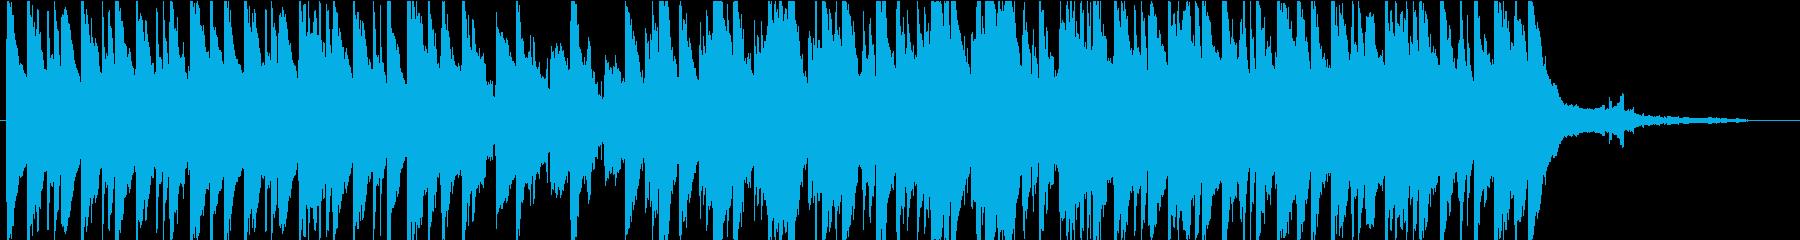 心が休まる幻想的な曲の再生済みの波形